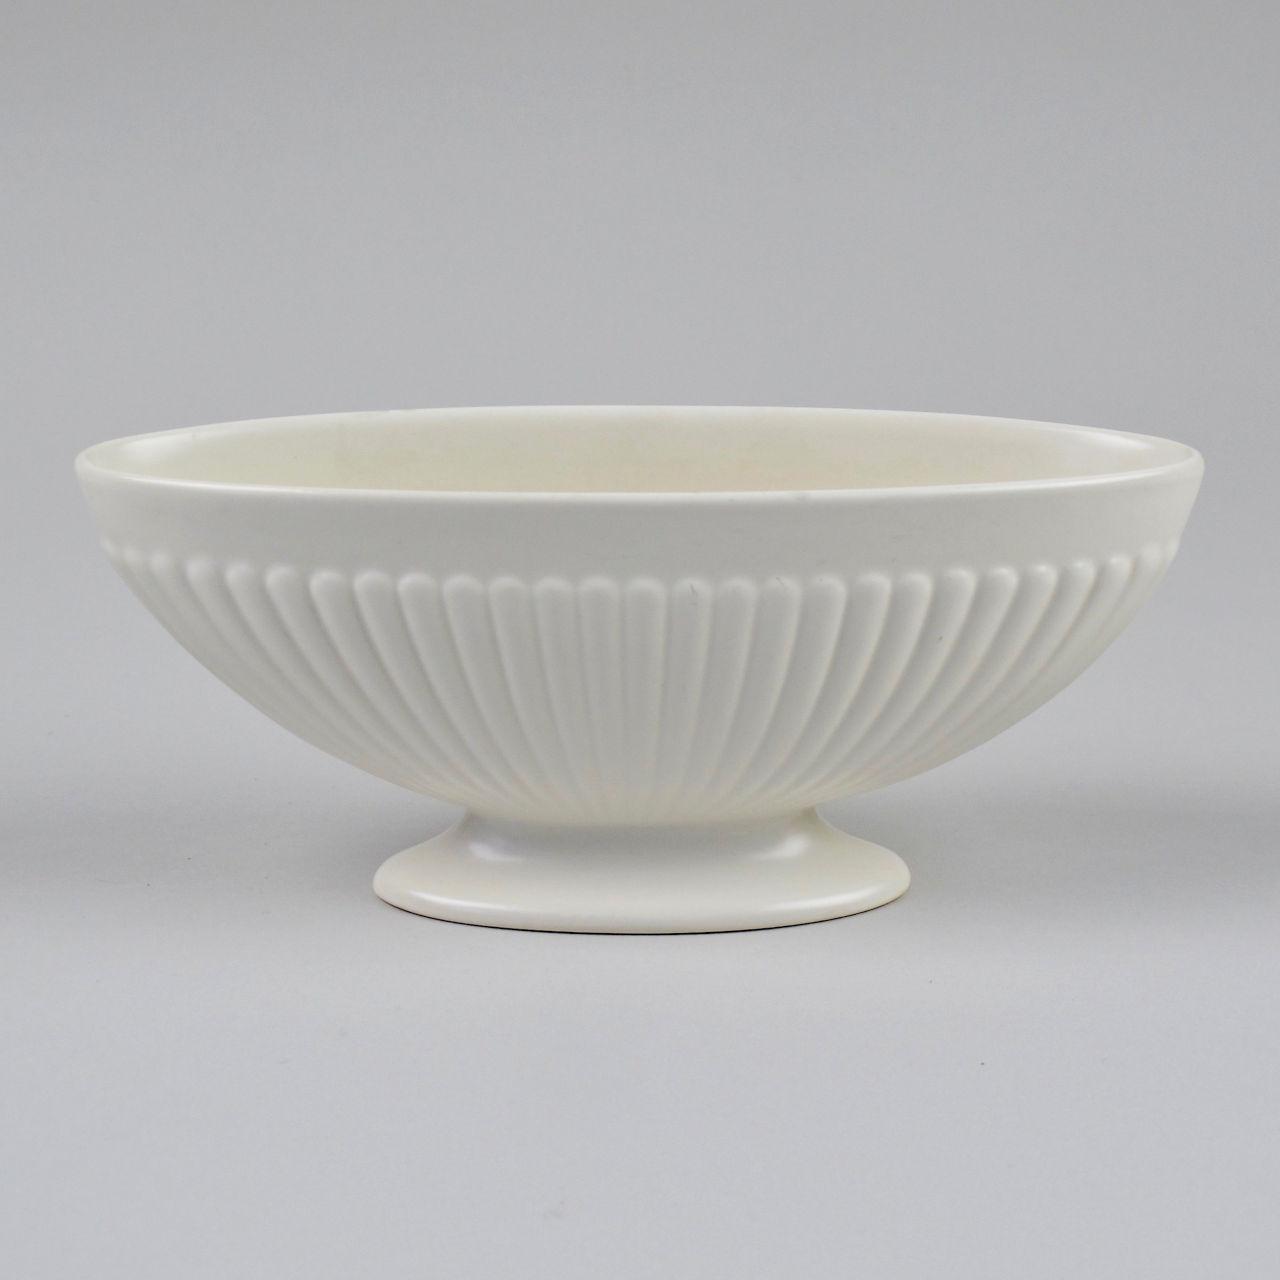 Wedgwood Ribbed White Oval Vase